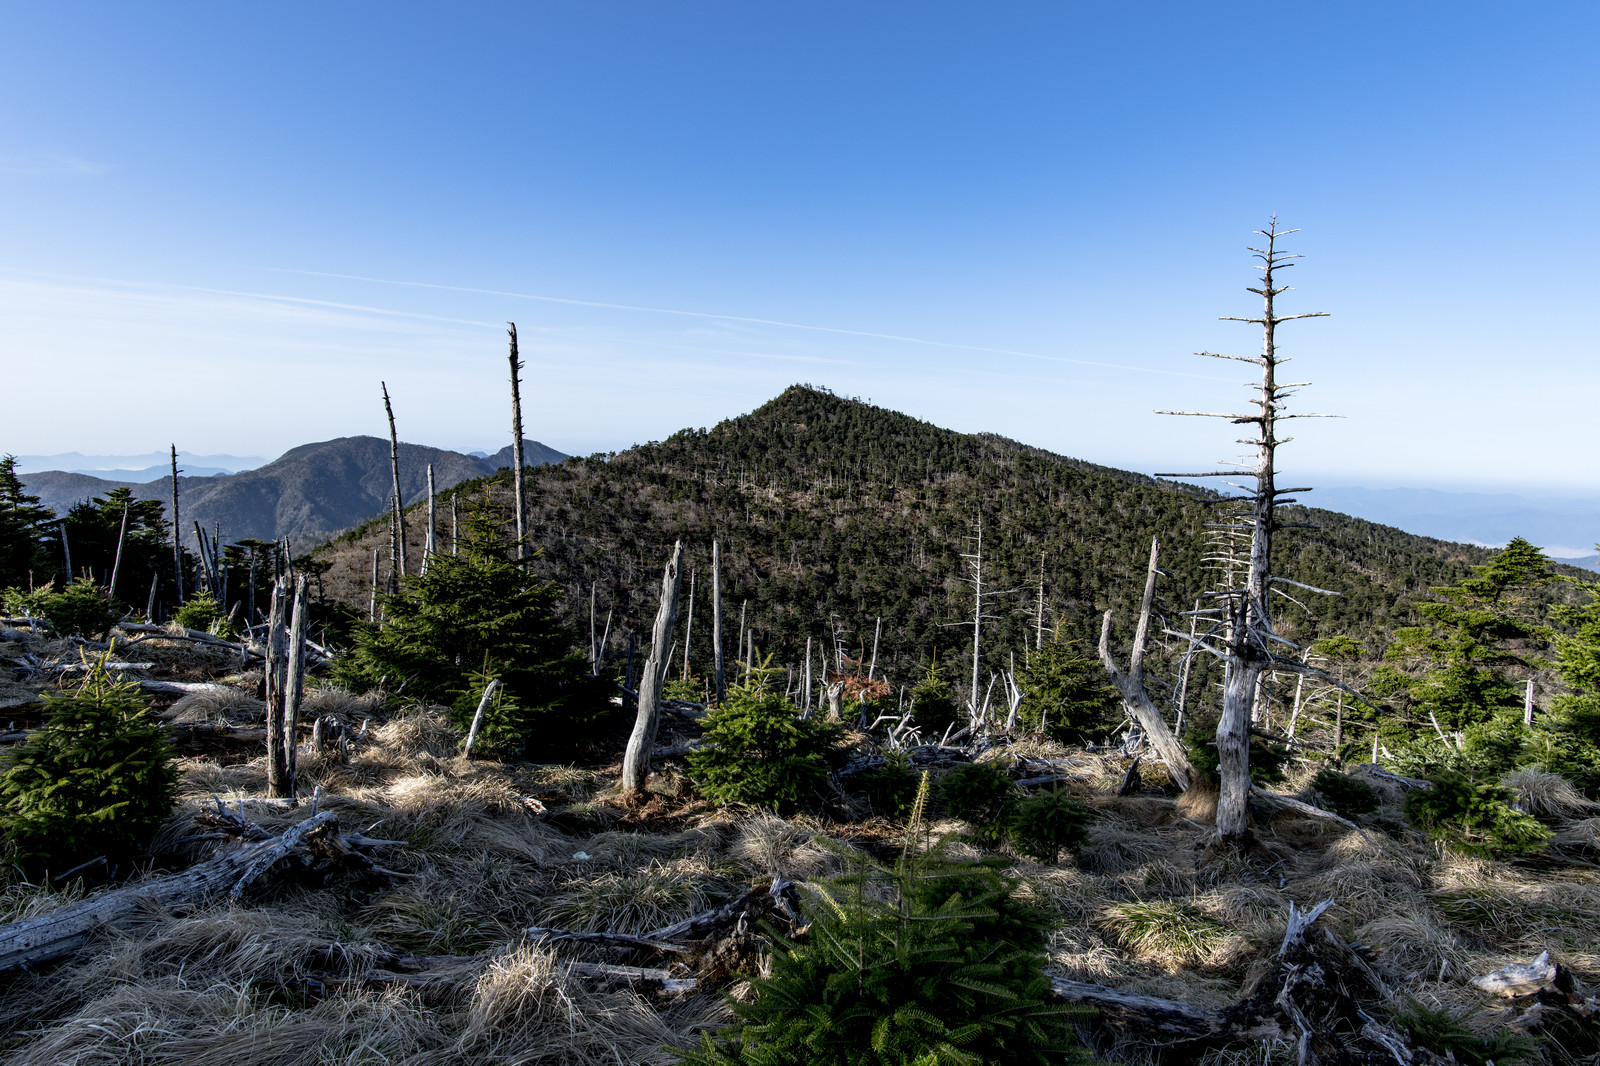 「大峰山弥山小屋から見る立ち枯れの森と八経ヶ岳」の写真